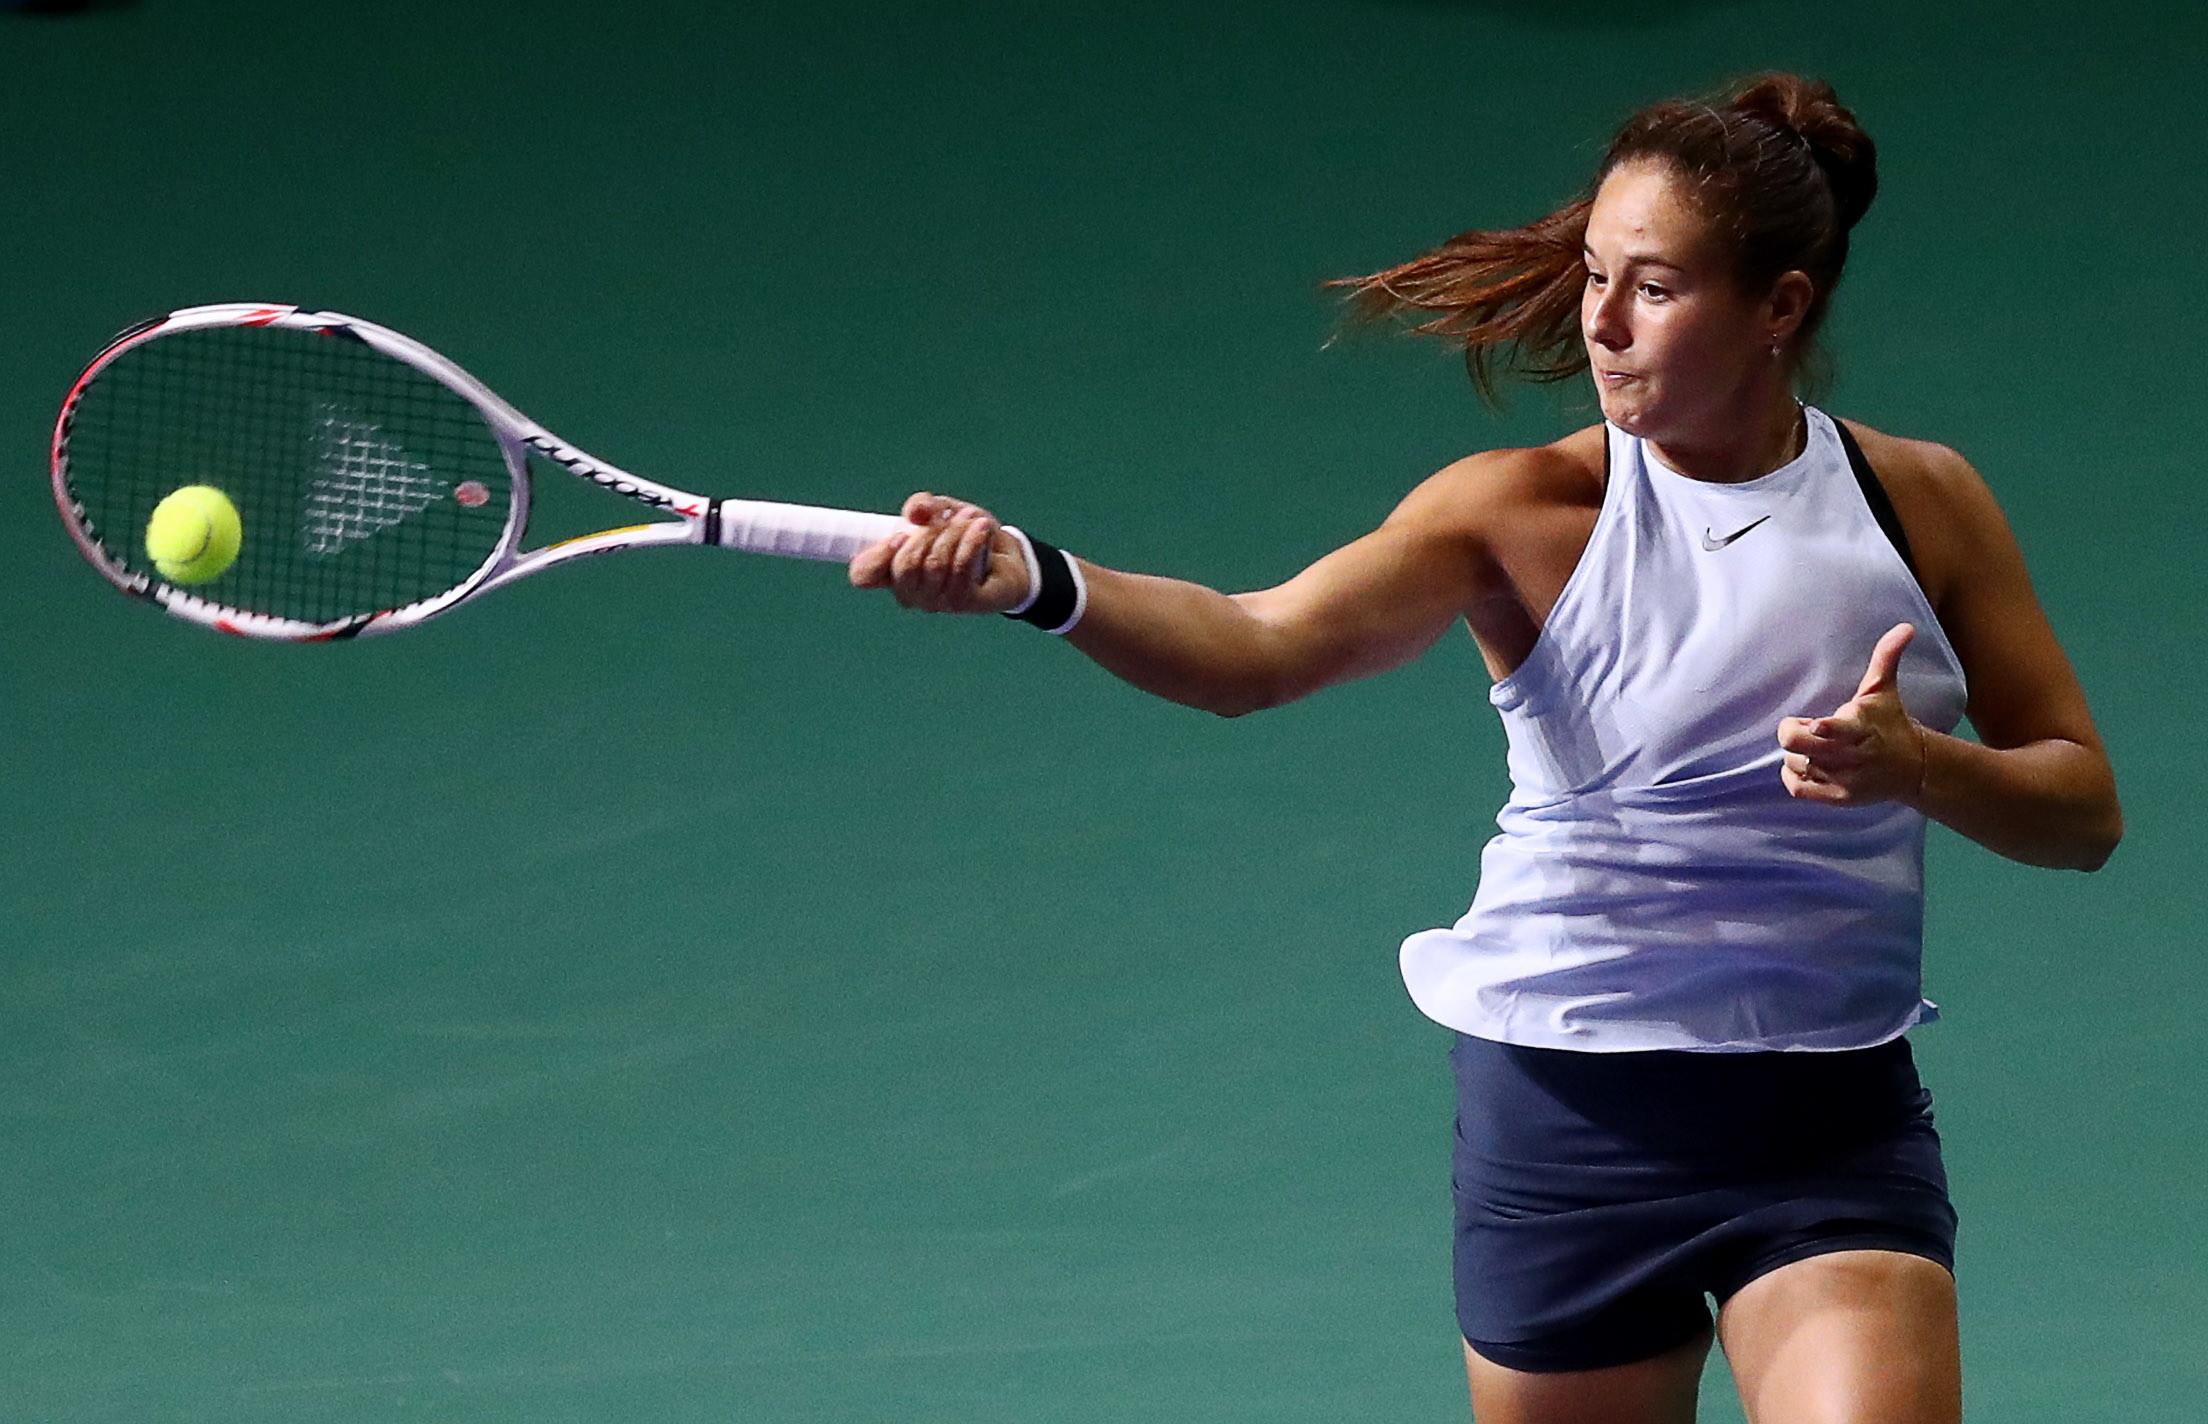 Касаткина несмогла попасть вфинал теннисного турнира вПетербурге